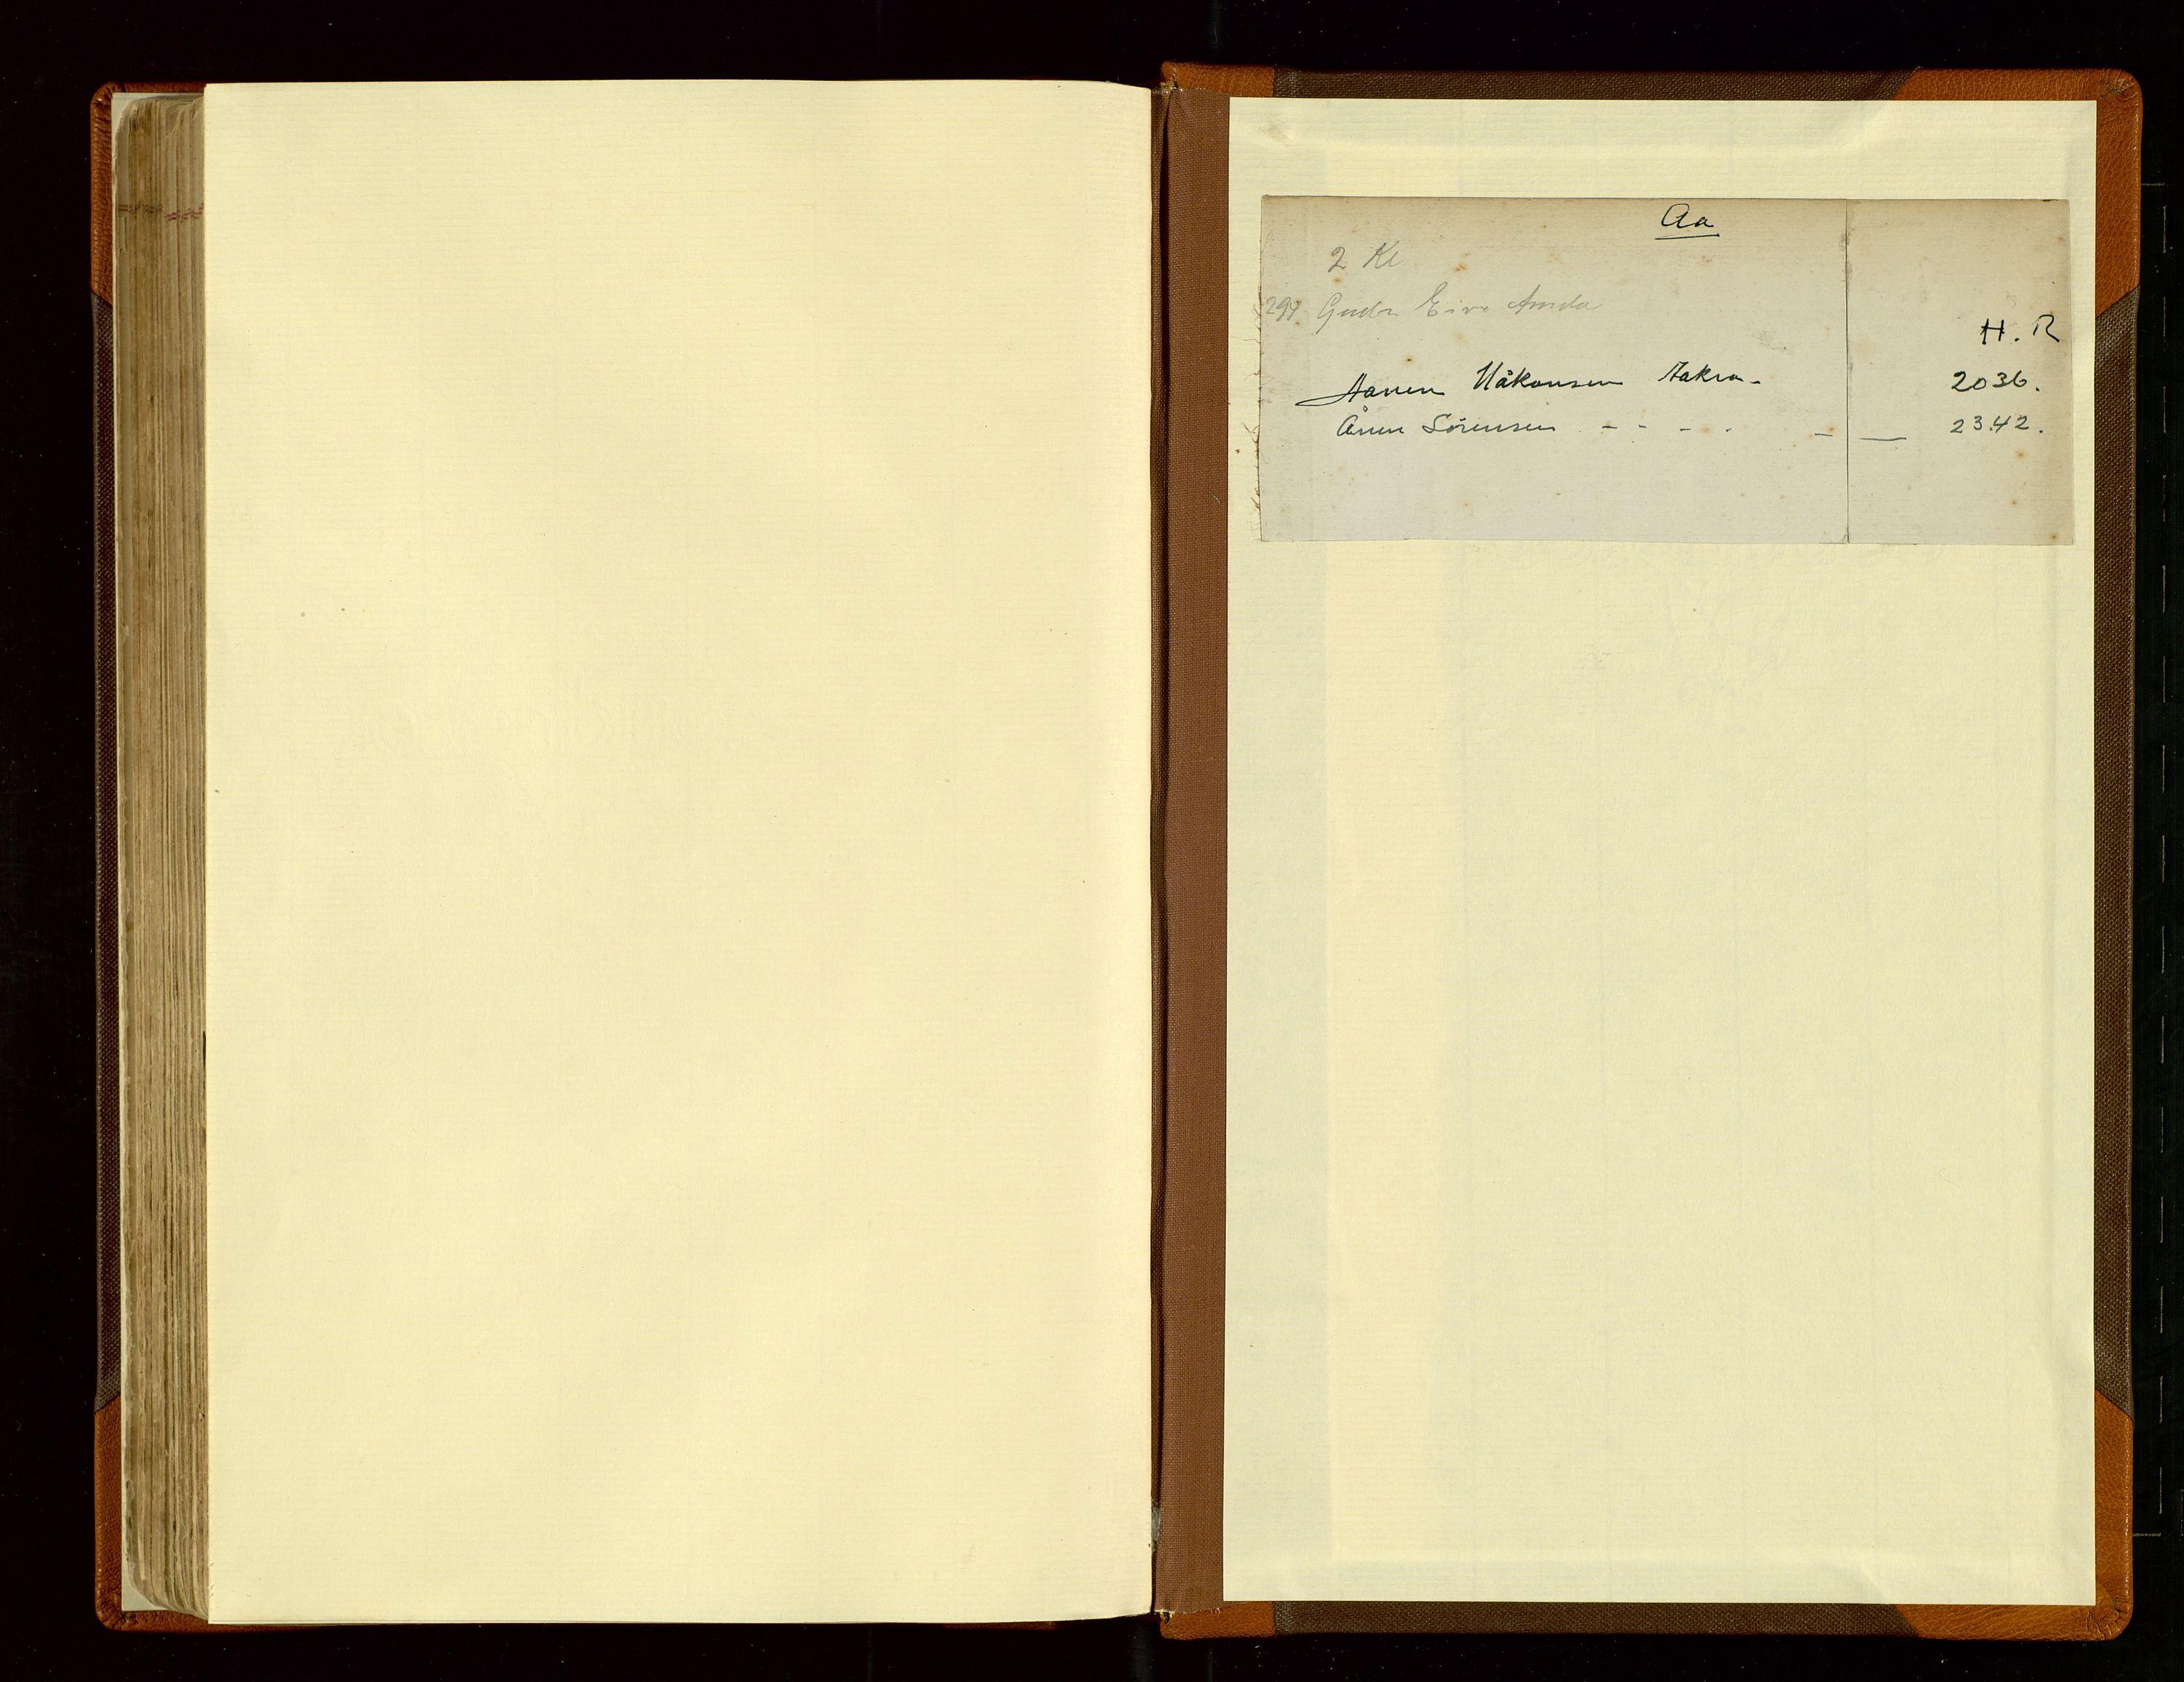 SAST, Haugesund sjømannskontor, F/Fb/Fba/L0003: Navneregister med henvisning til rullenummer (fornavn) Haugesund krets, 1860-1948